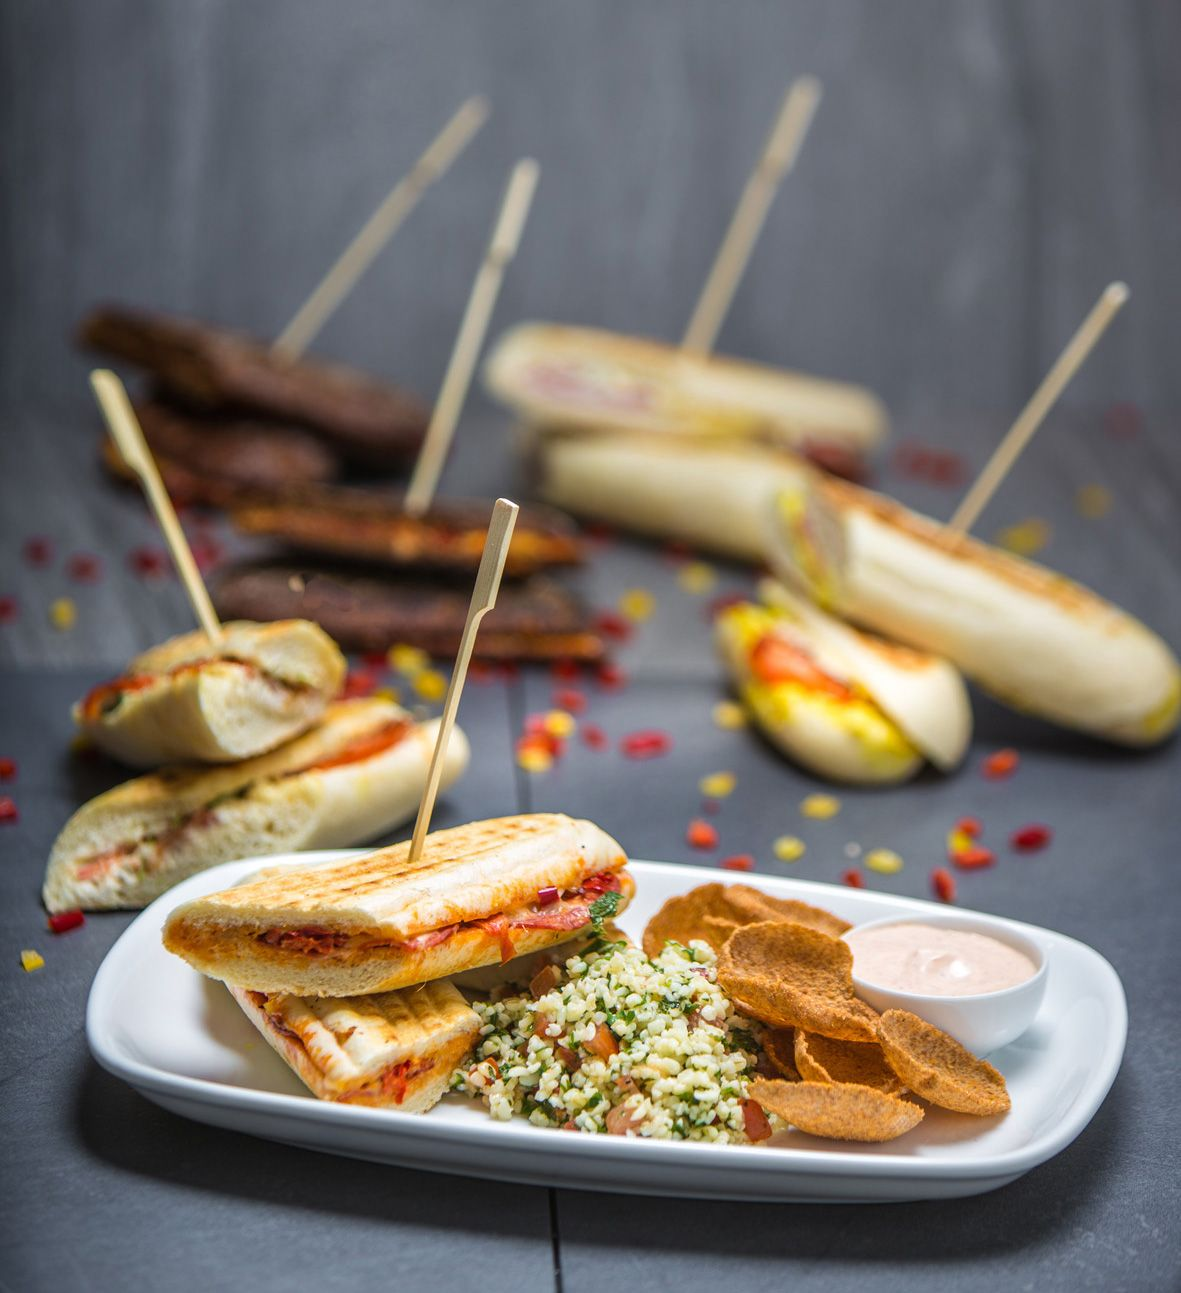 Ruokaisa Panini-platter sopii lounaaksi mitä parhaiten. Se sisältää oman keittiömme paninin puolitettuna, salaatin sekä Uunipaahdettuja Ruislastuja dipin kera. NAM! Eikun herkuttelemaan! #paniniplatter #panini #linkosuo #linkosuonkahvilat